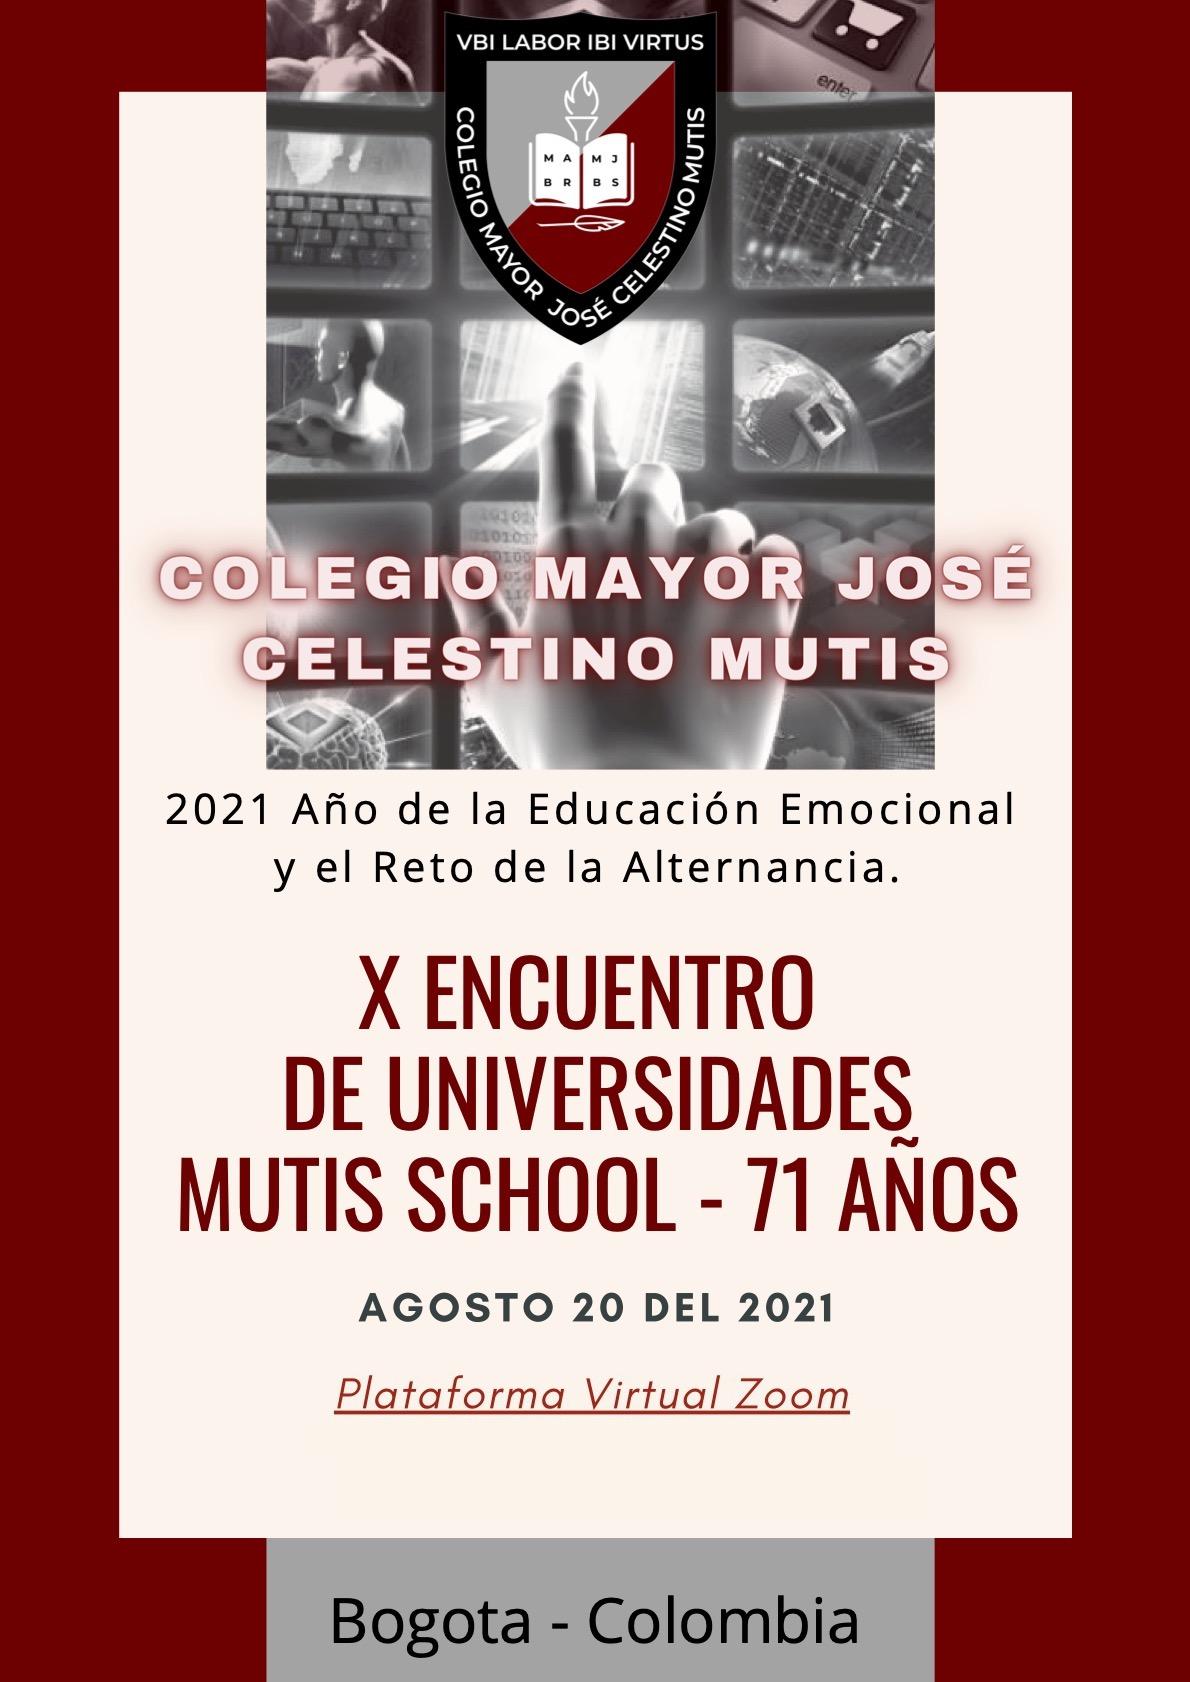 http://mutisschool.com/categoria_portfolio/encuentro-universidades/?v=42983b05e2f2